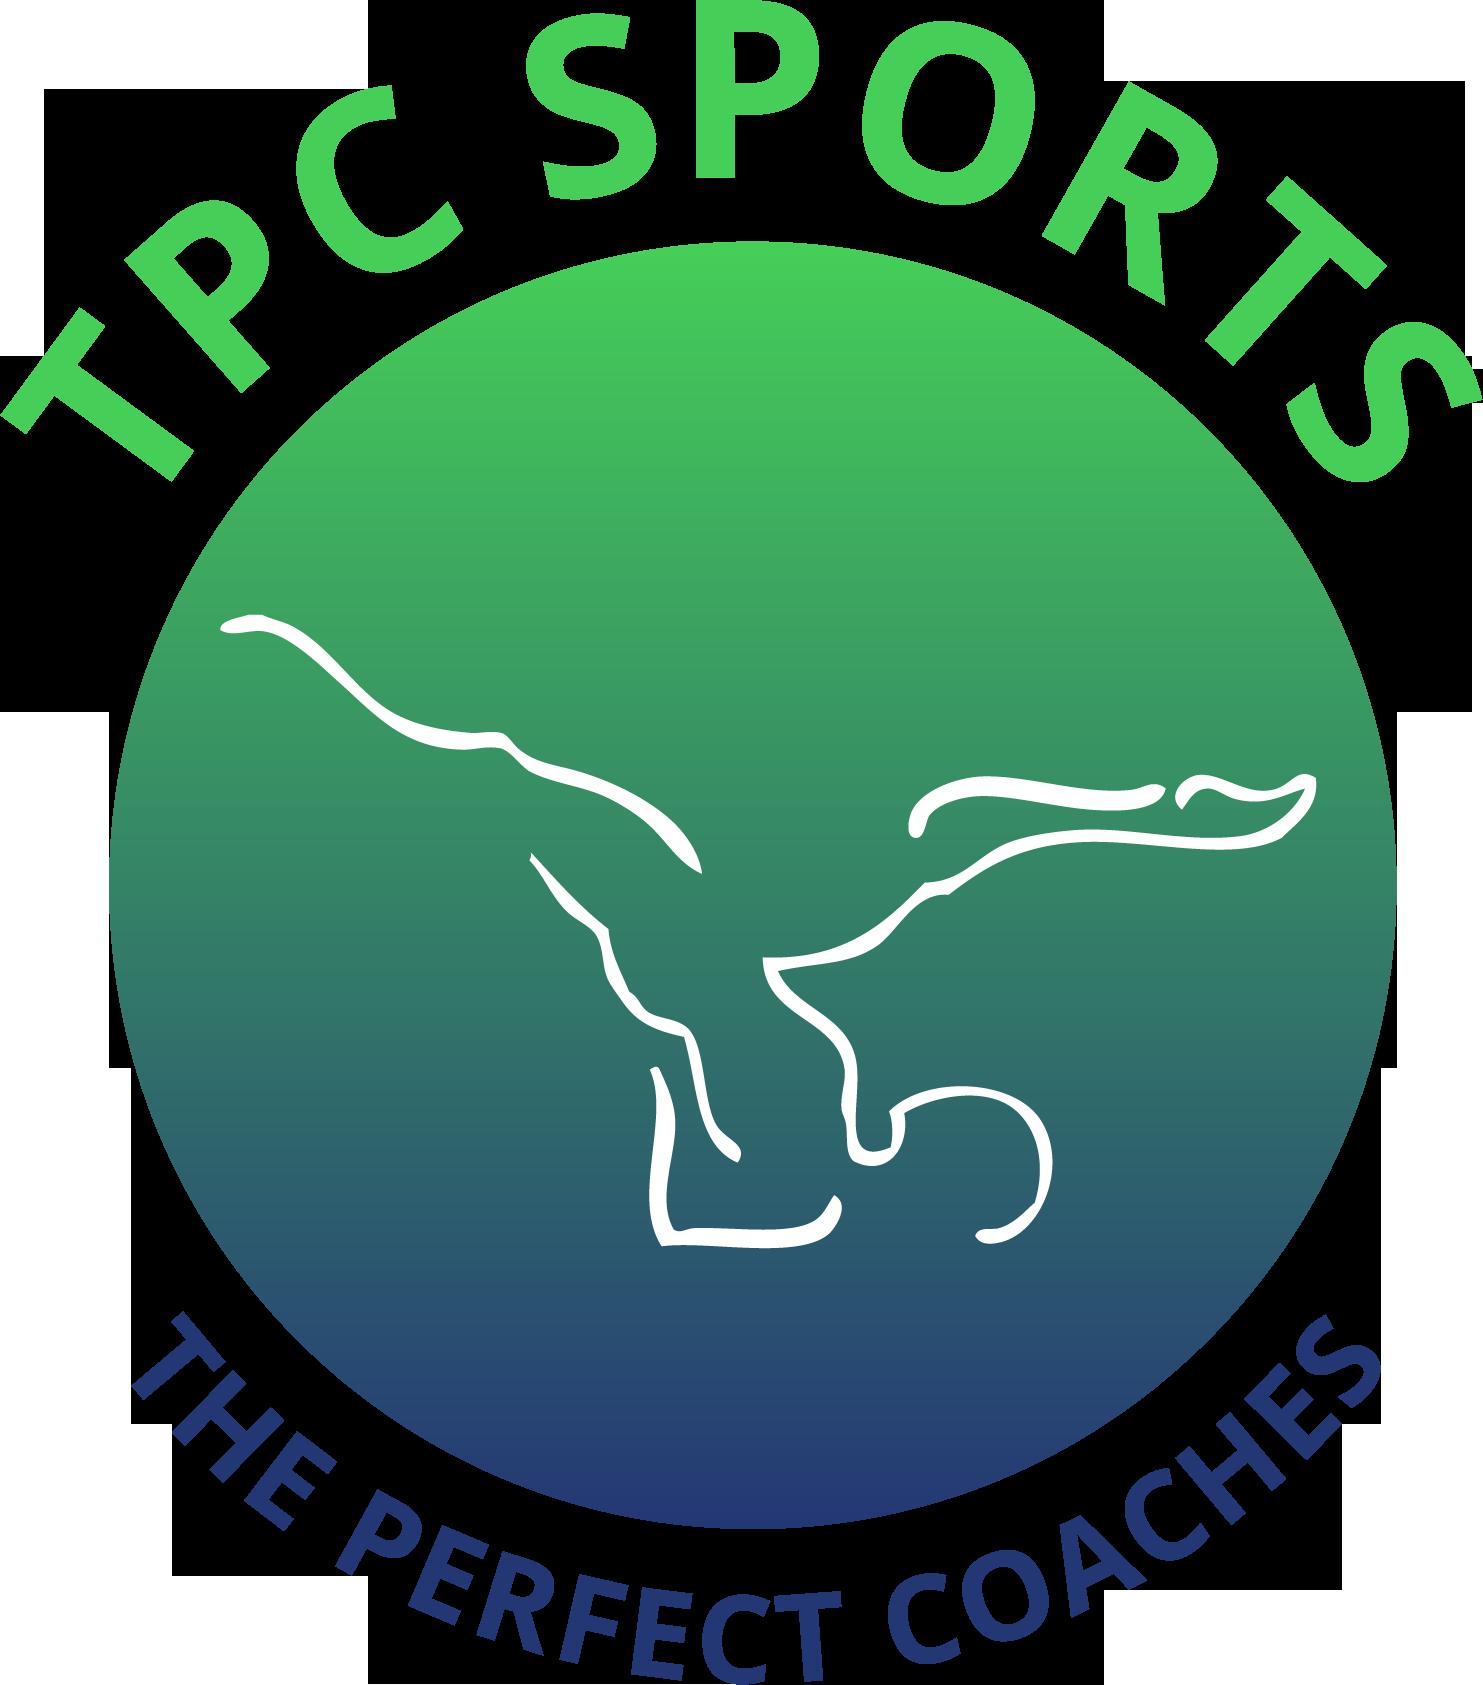 TPC Sports